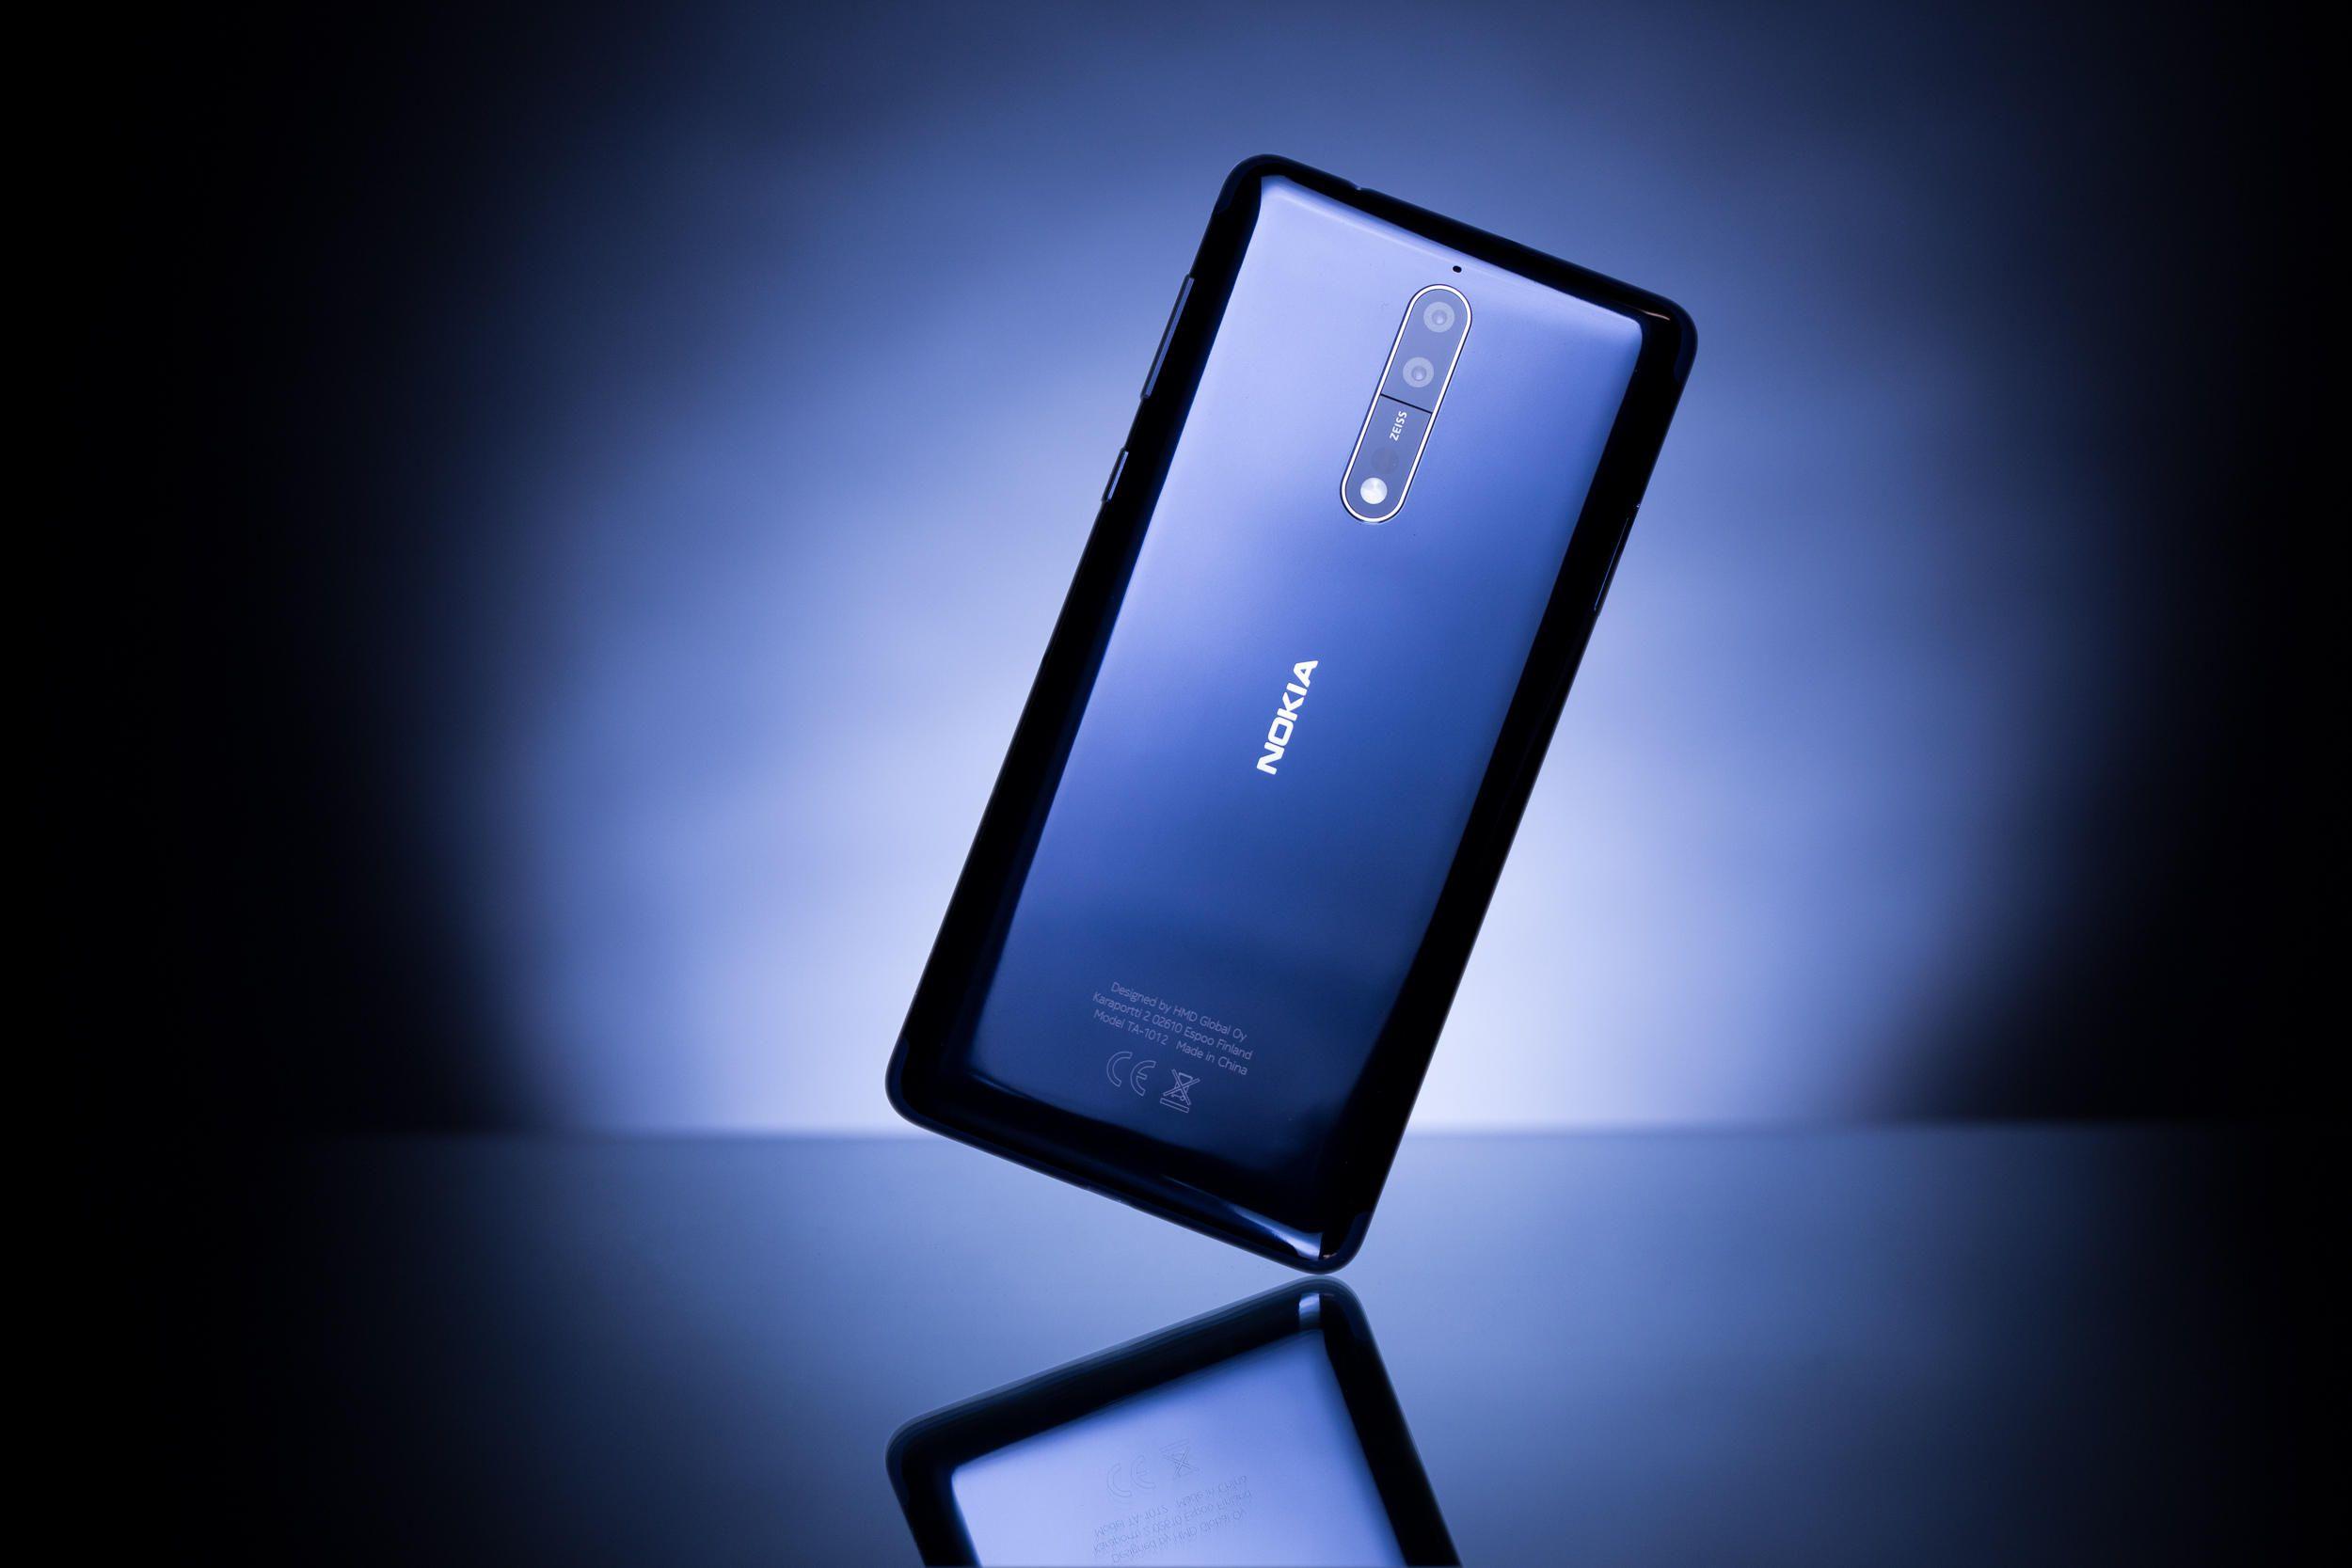 Nokia entra na guerra dos smartphones com novo conceito de 'selfie'